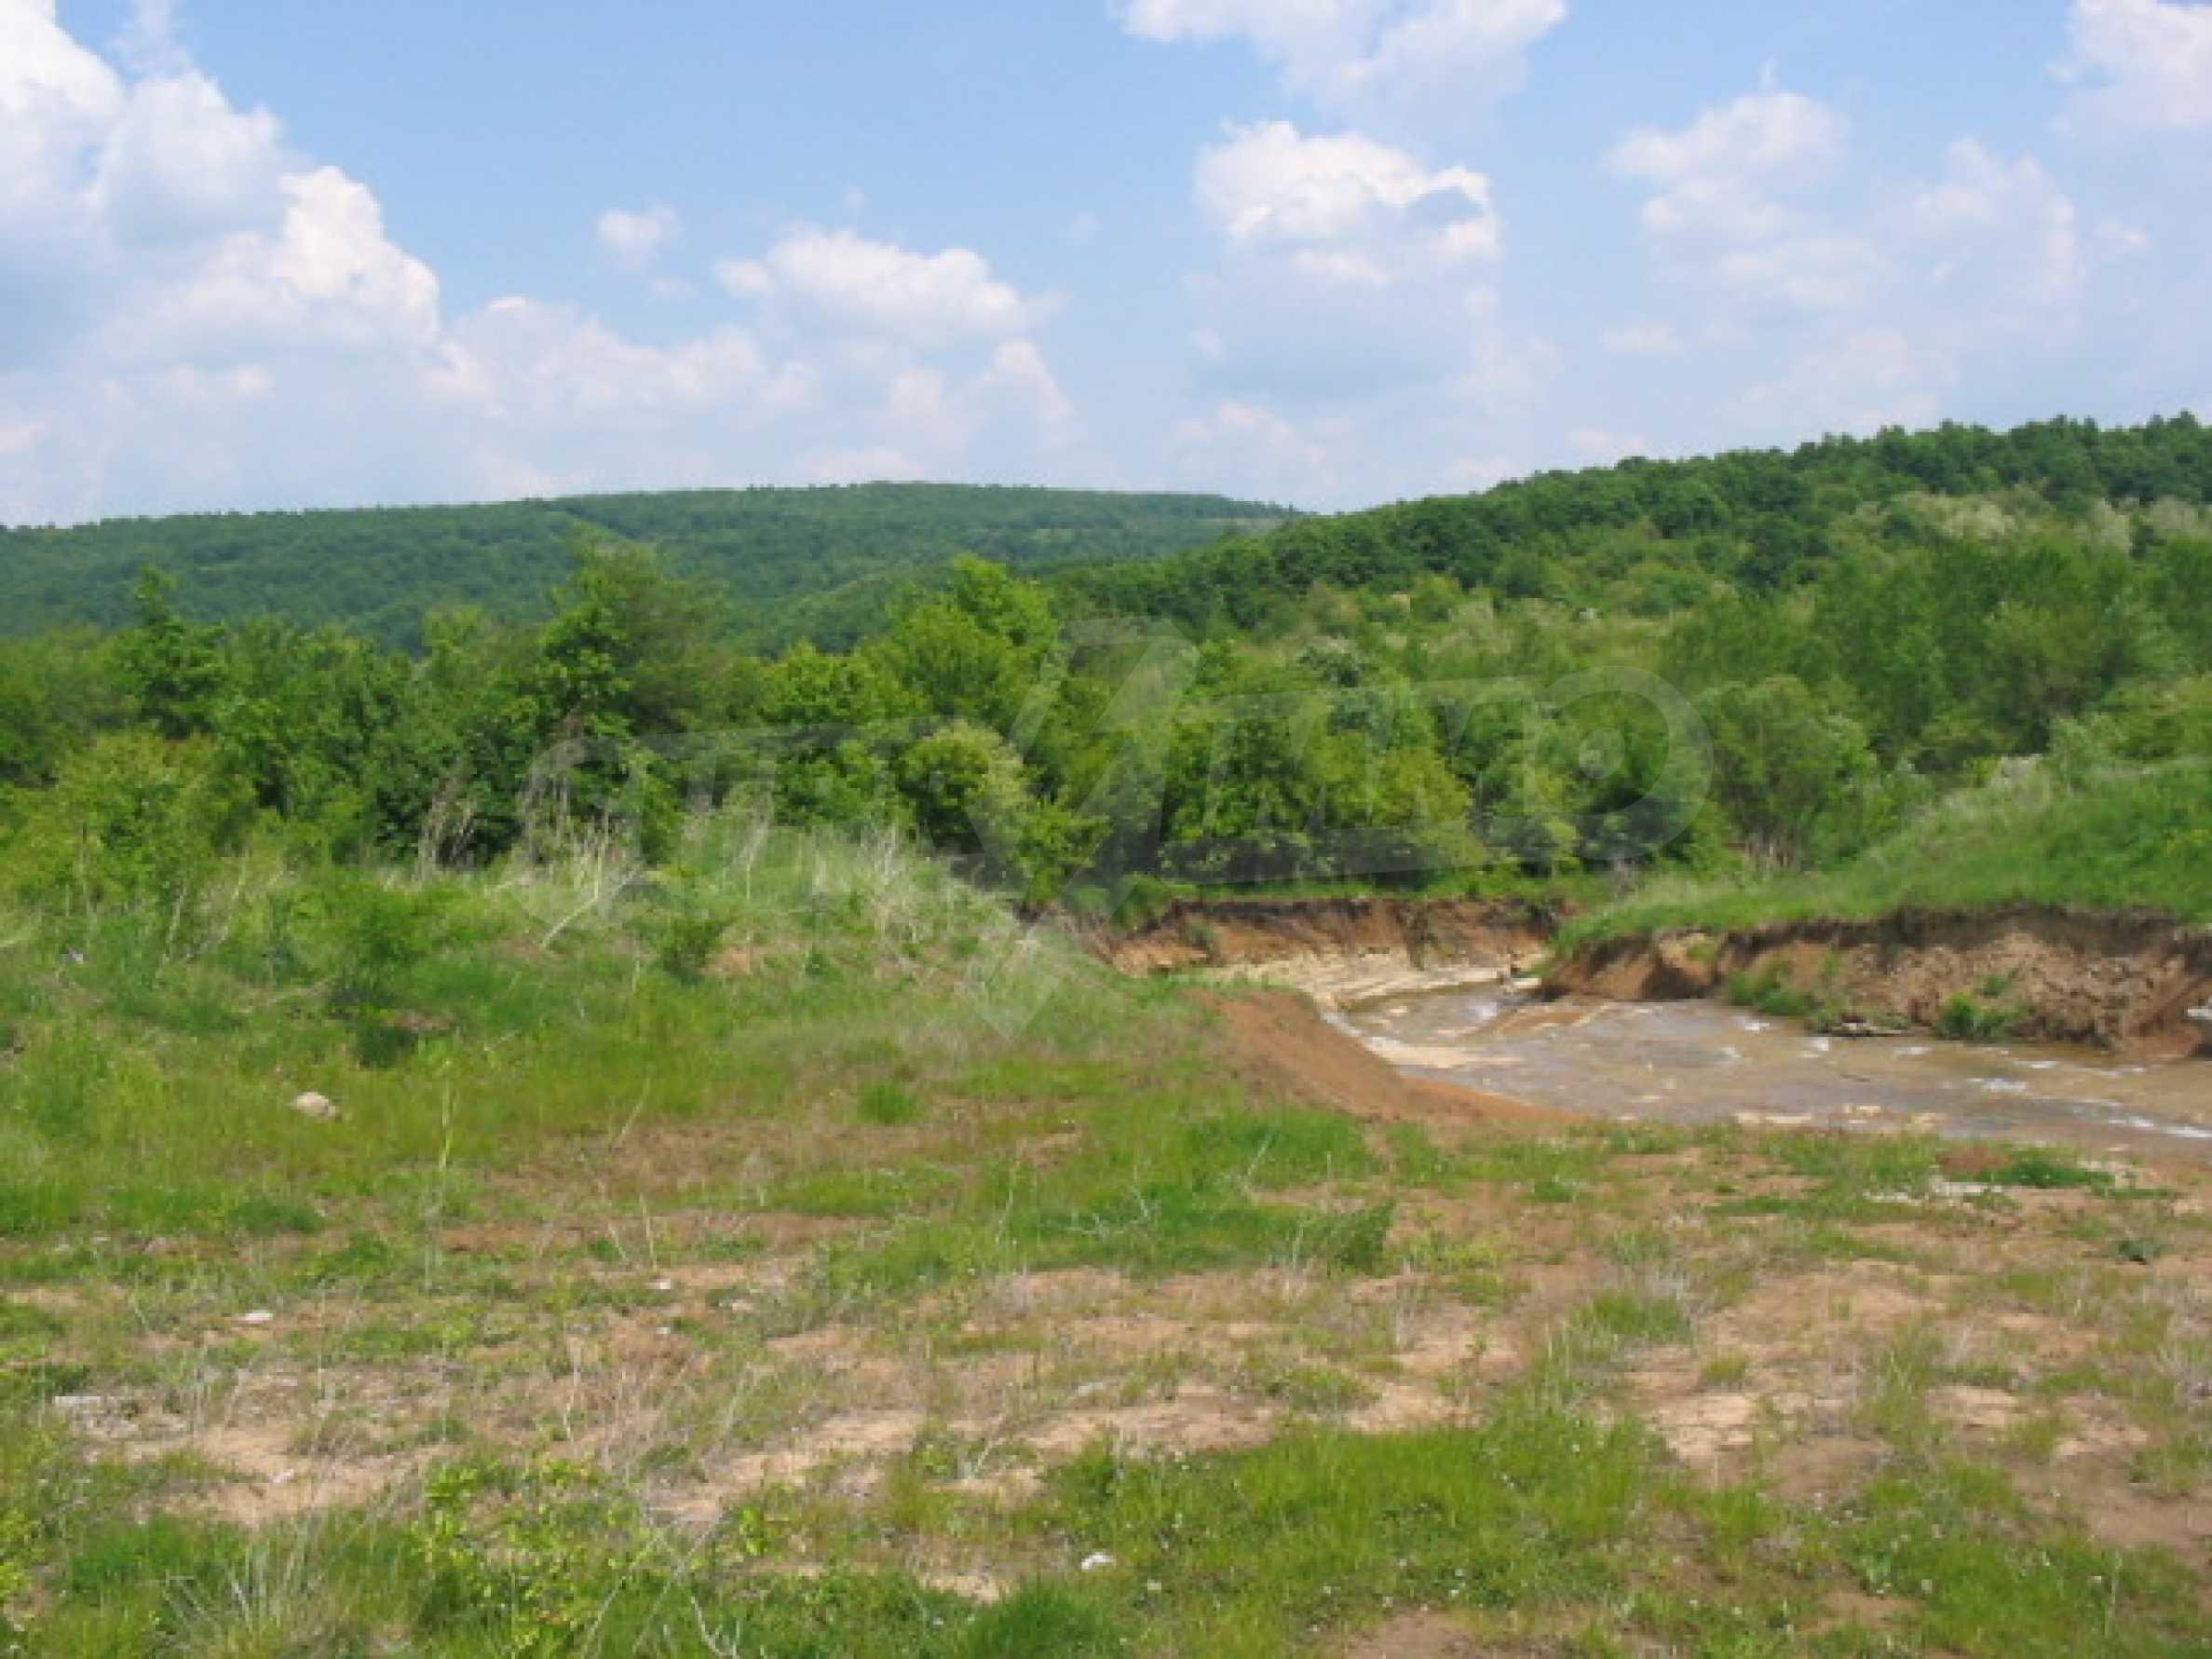 Damm mit angrenzendem Land 7 km von Veliko Tarnovo entfernt 8